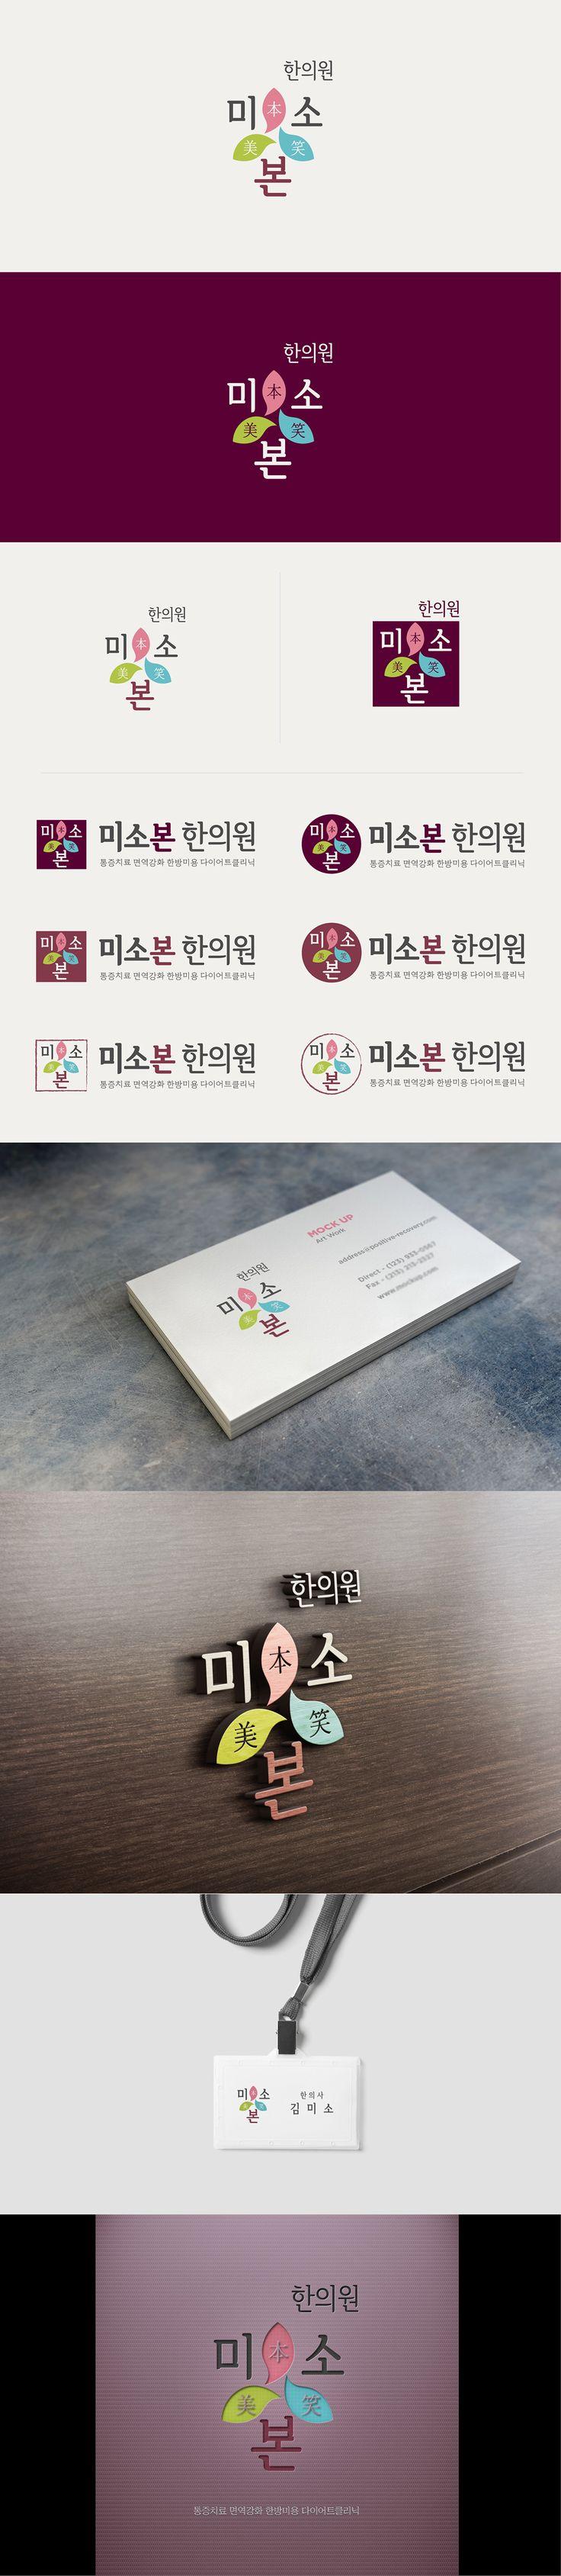 한의원 로고 디자인 oriental medical clinic logo on Behance